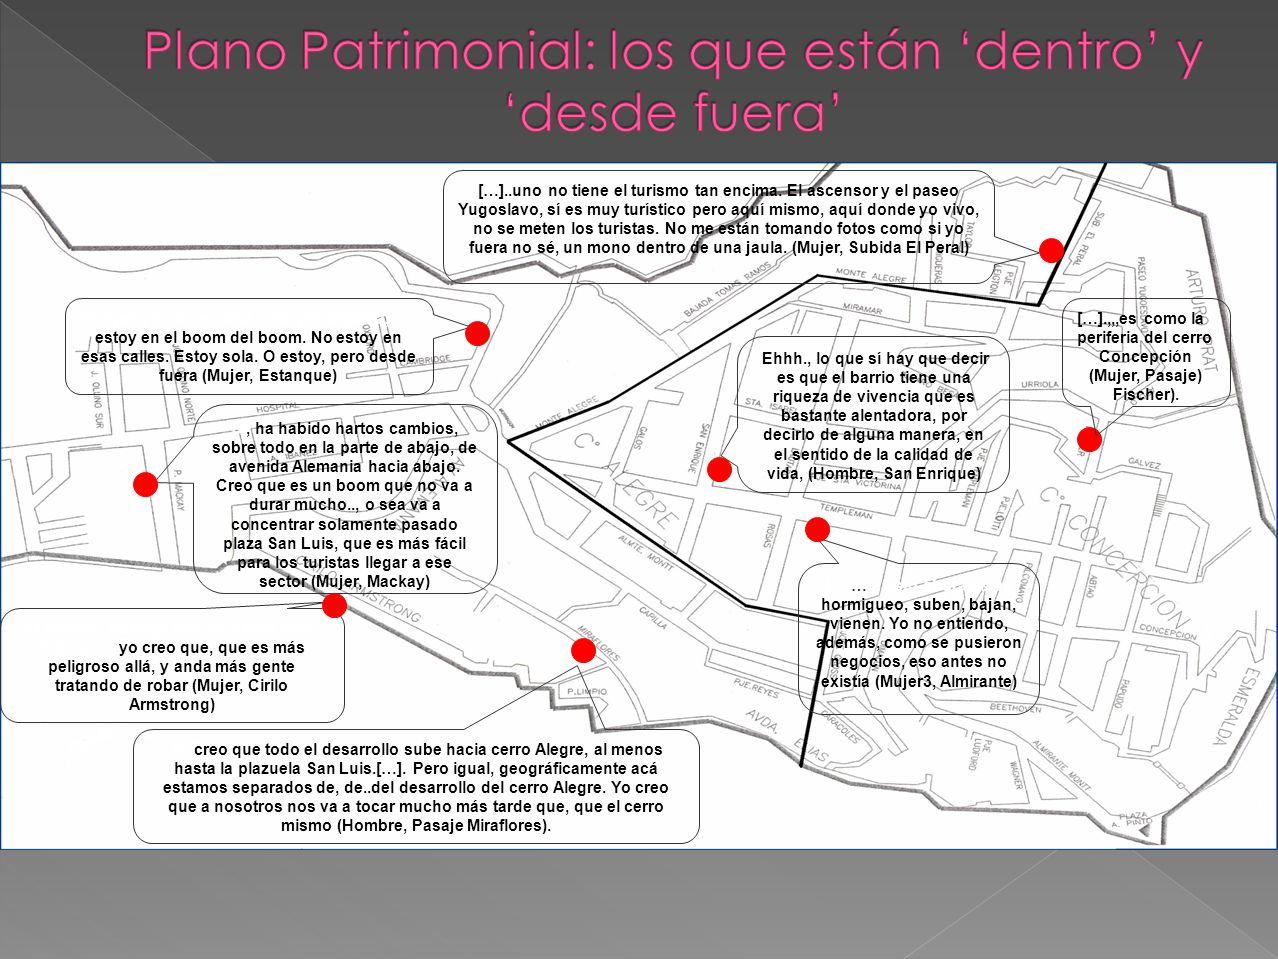 Plano Patrimonial: los que están 'dentro' y 'desde fuera'